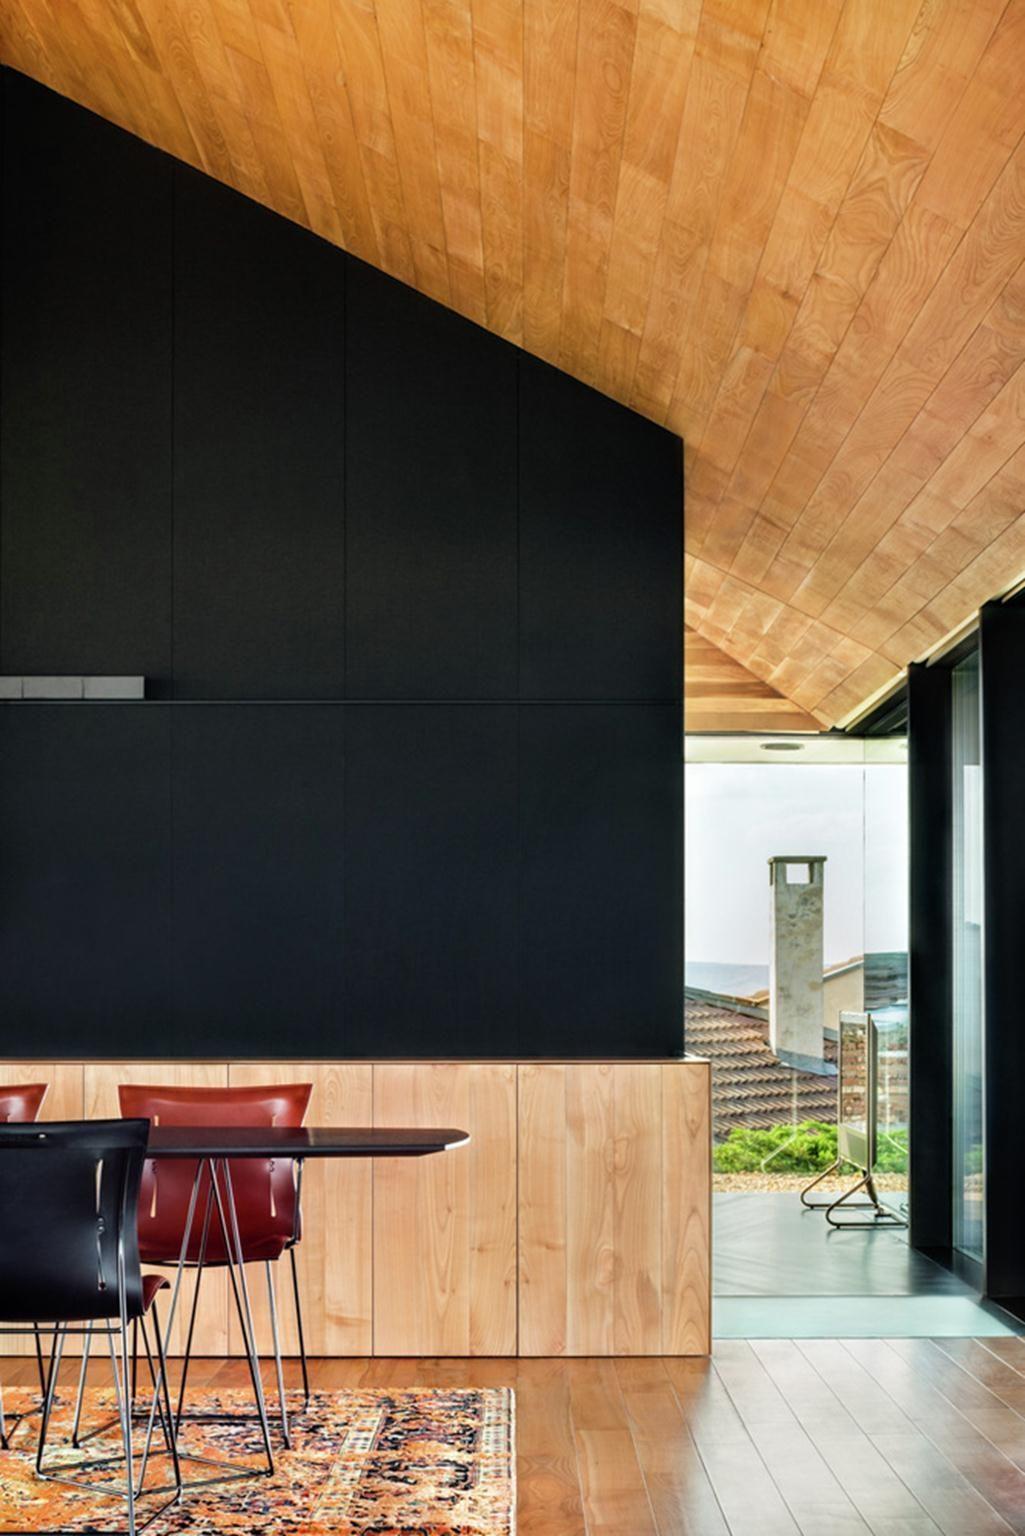 Thiết kế biệt thự view 360 độ độc đáo và ấn tượng - 14